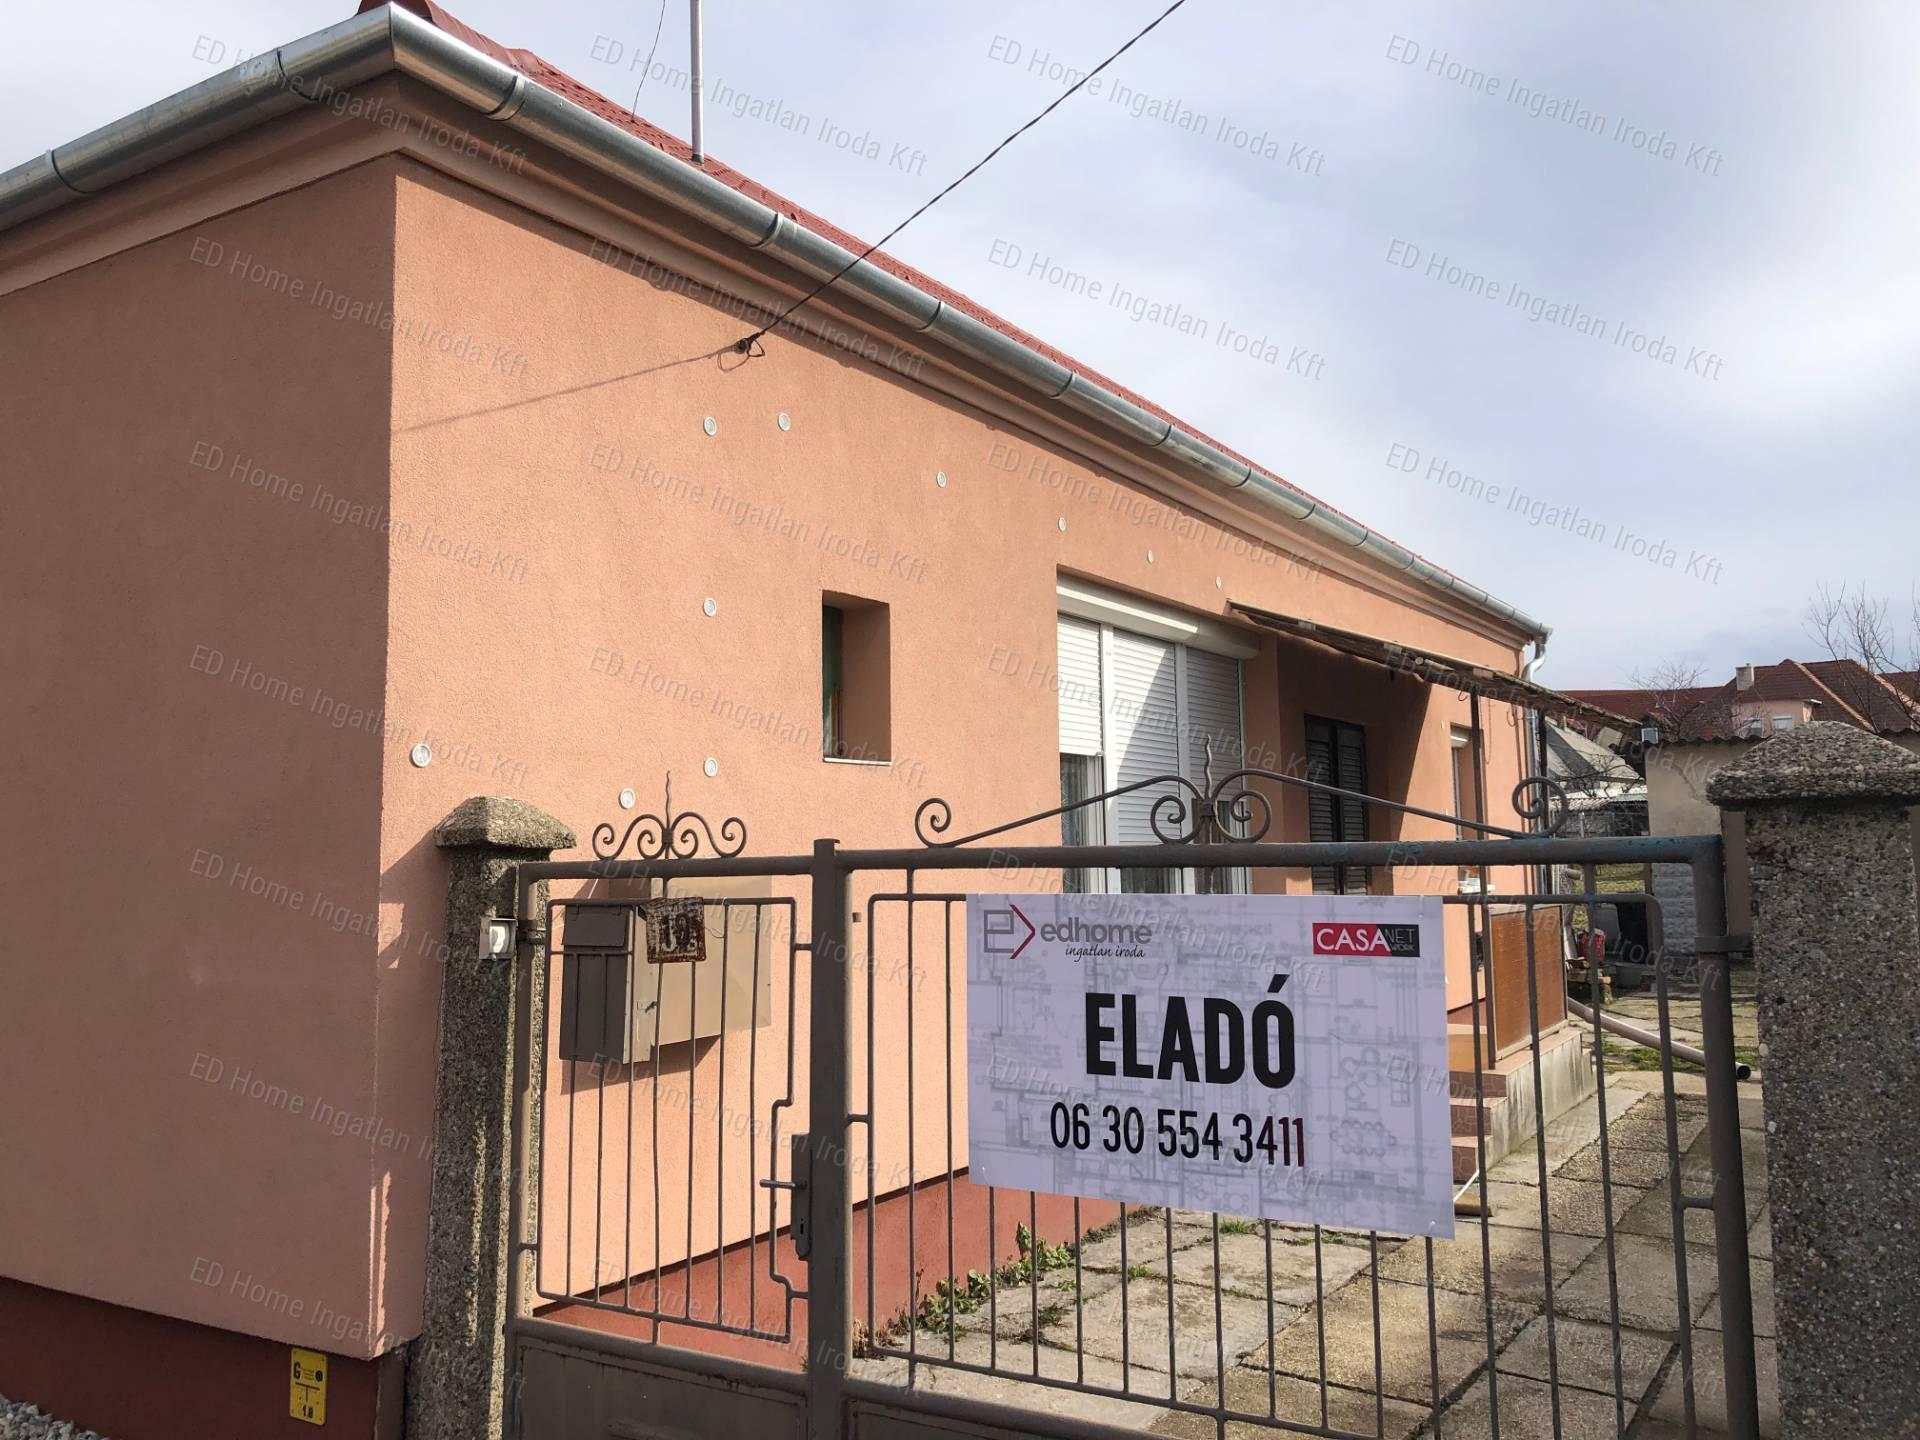 Eladó családi ház, Győr-Moson-Sopron megye, Győr (Szabadhegy) - sz.: 168700805 - CasaNetWork.hu